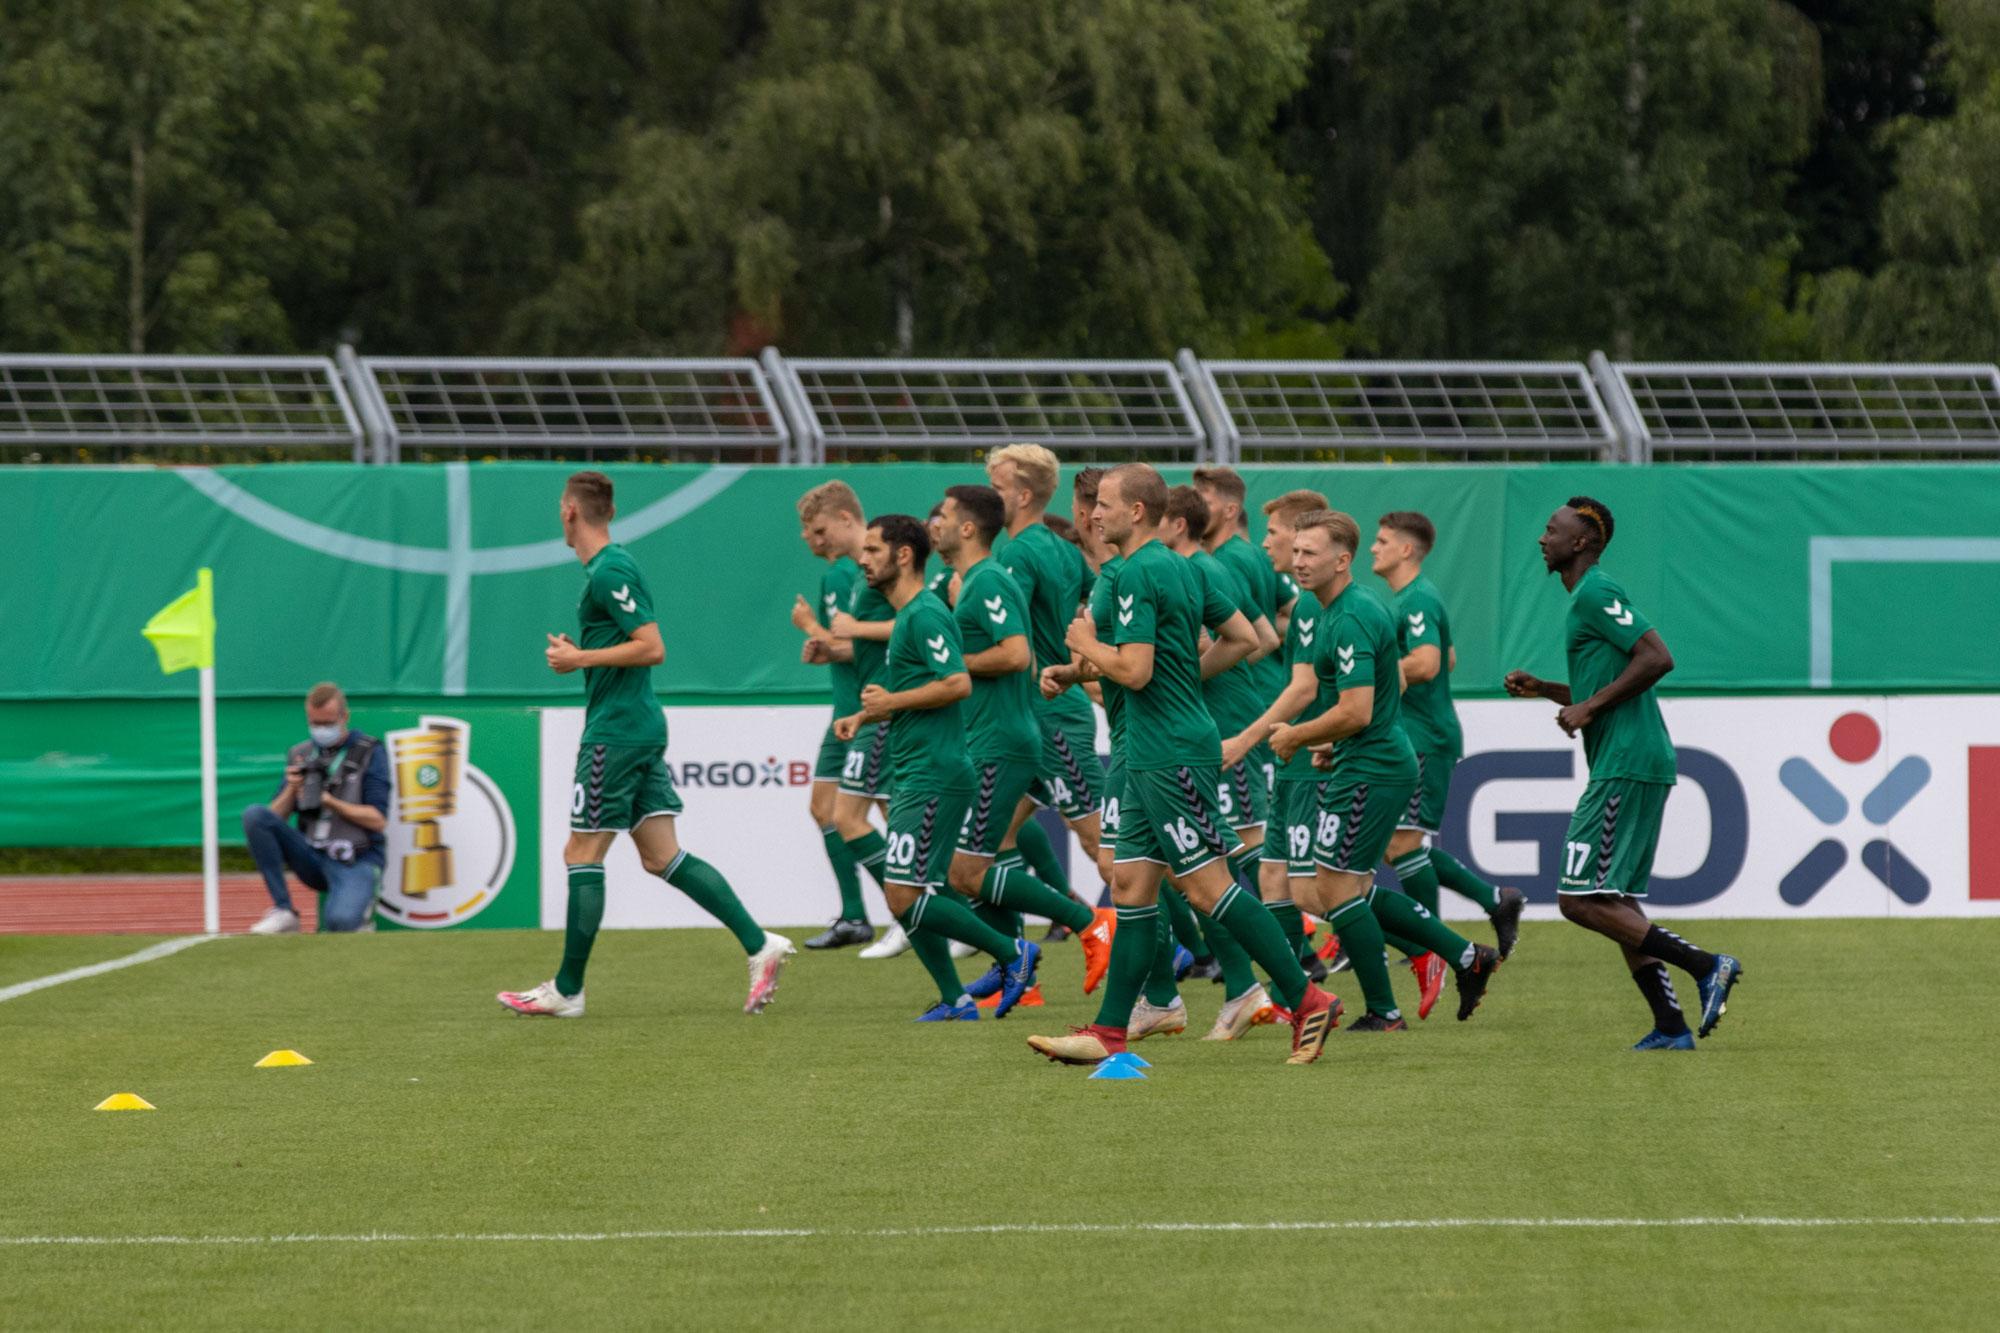 Bildergalerie DFB - Poakl VfL Oldenburg gegen Fortuna Düsseldorf